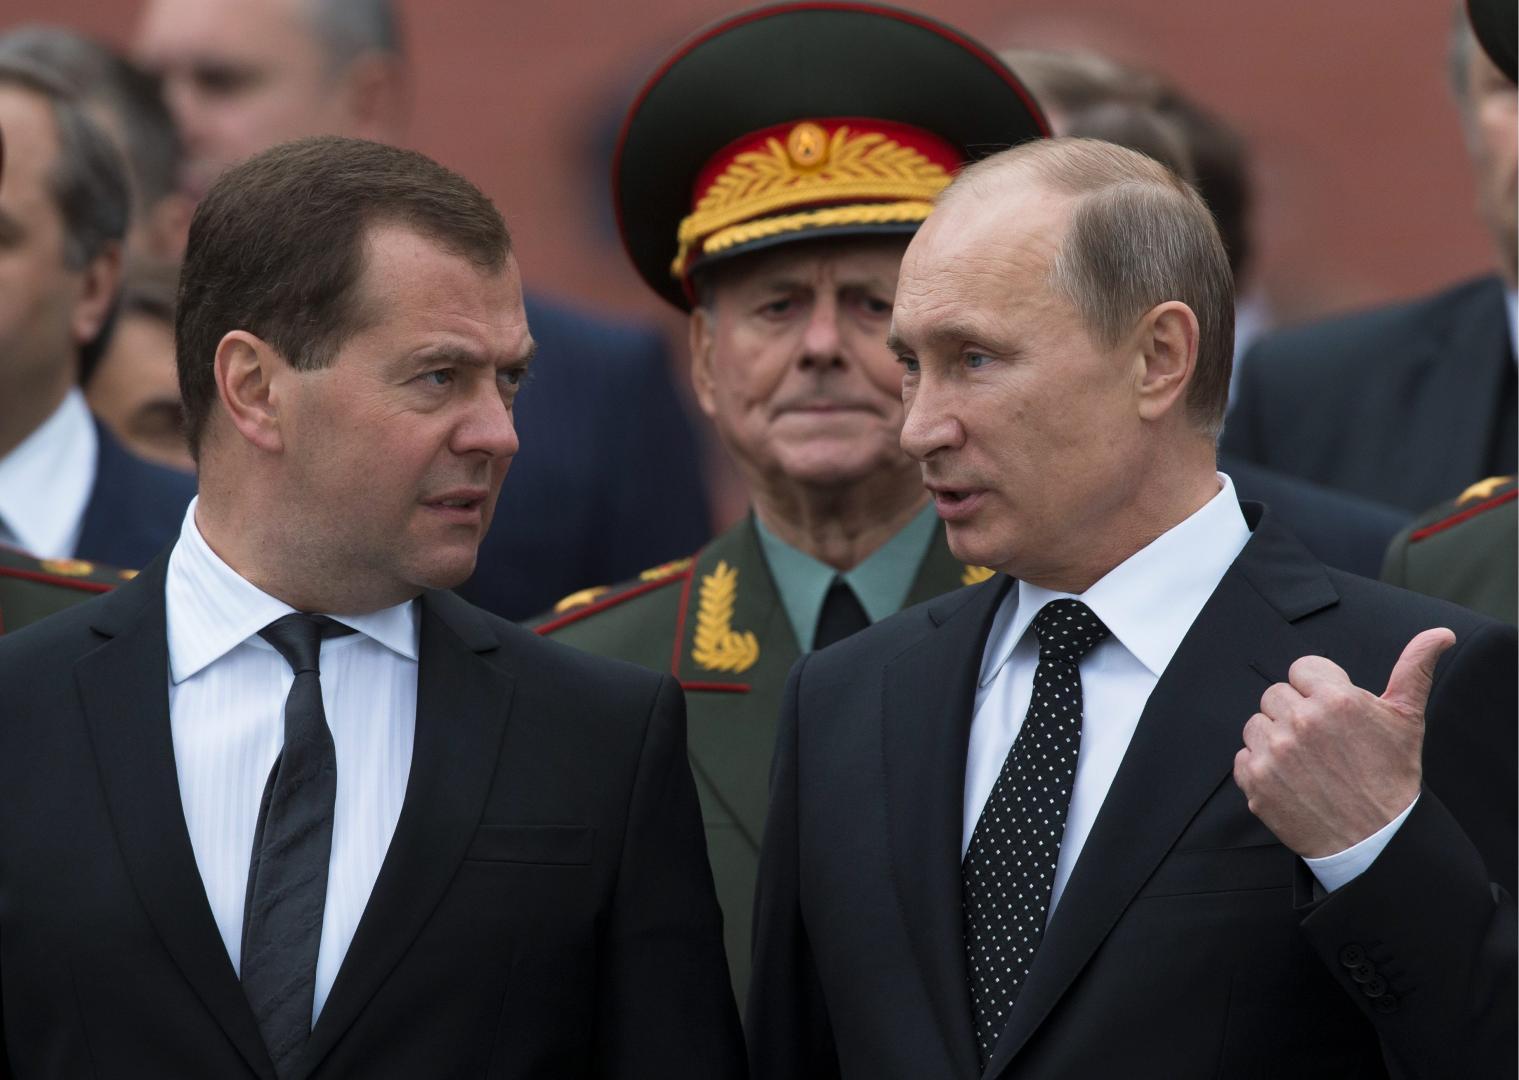 Liderii-ruși-Vladimir-Putin-și-Dmitry-Medvedev-mulțumiți-de-noile-sancțiuni-impuse-Ucrainei